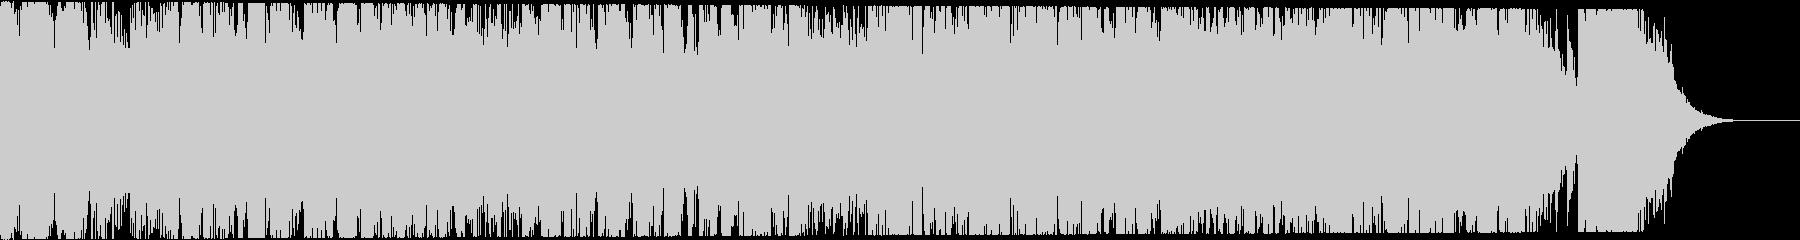 【20秒】アクション洋画風/ラジオCM用の未再生の波形